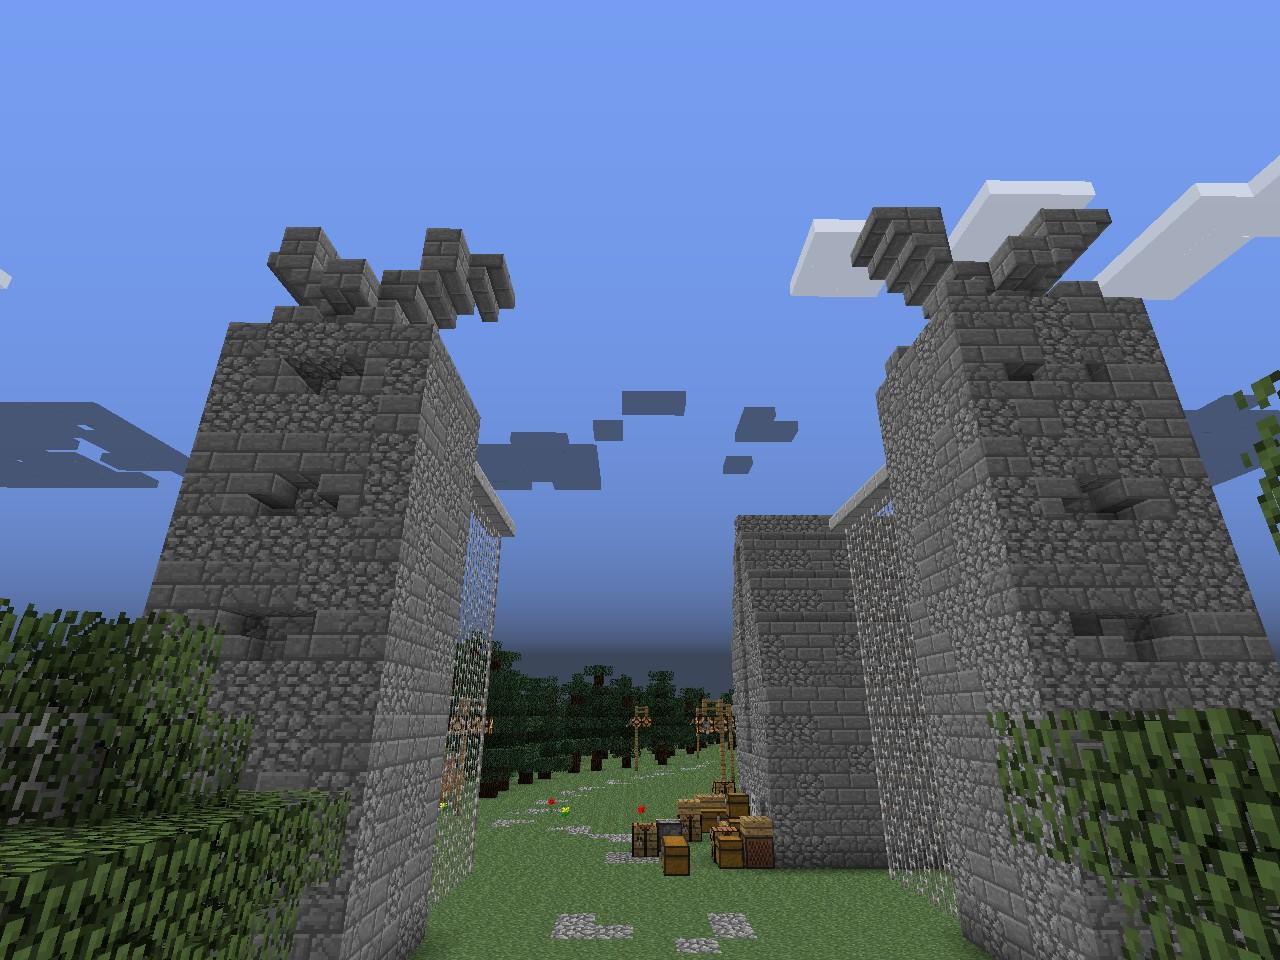 The entrance to Hogwarts / Wejście do Hogwartu